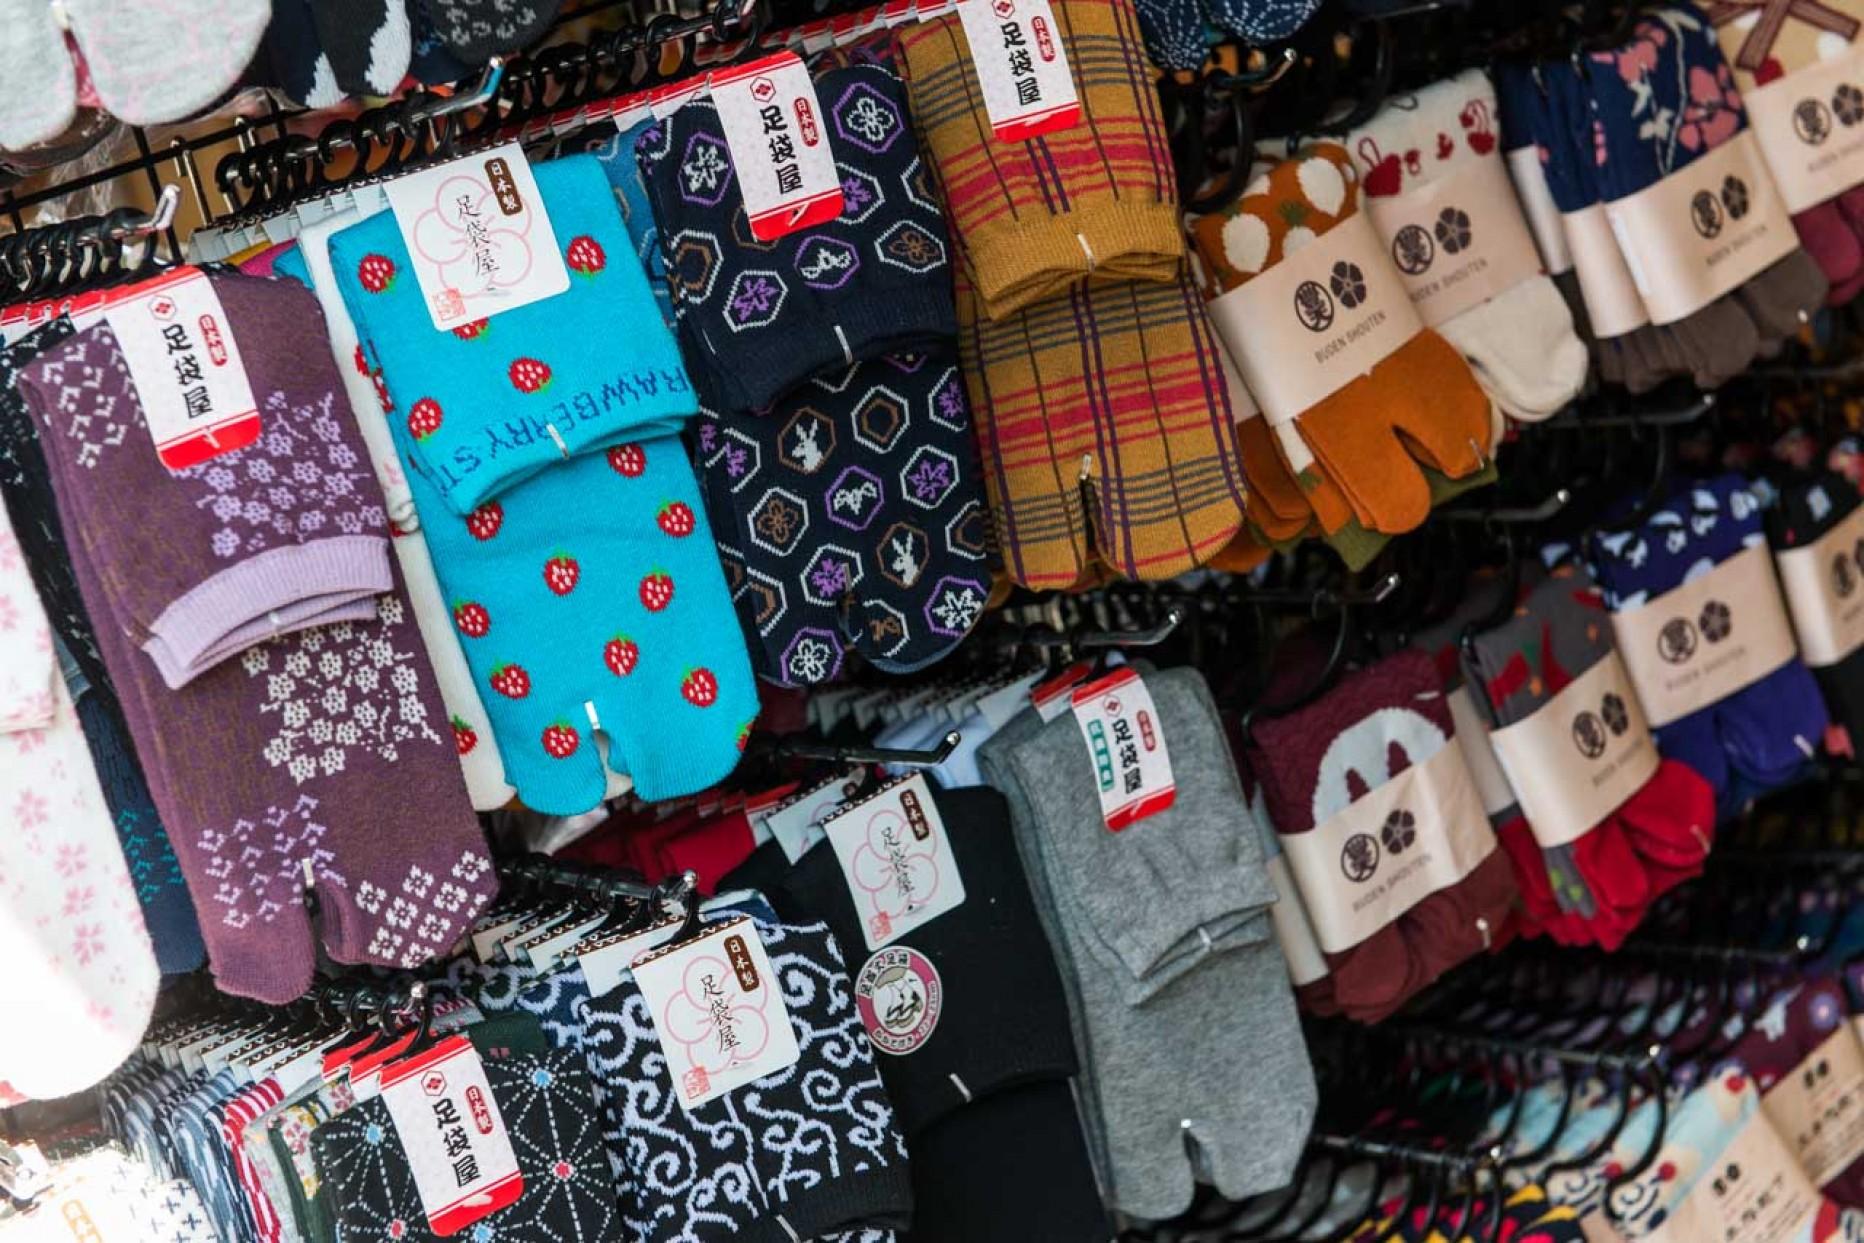 Les chaussettes asiatiques